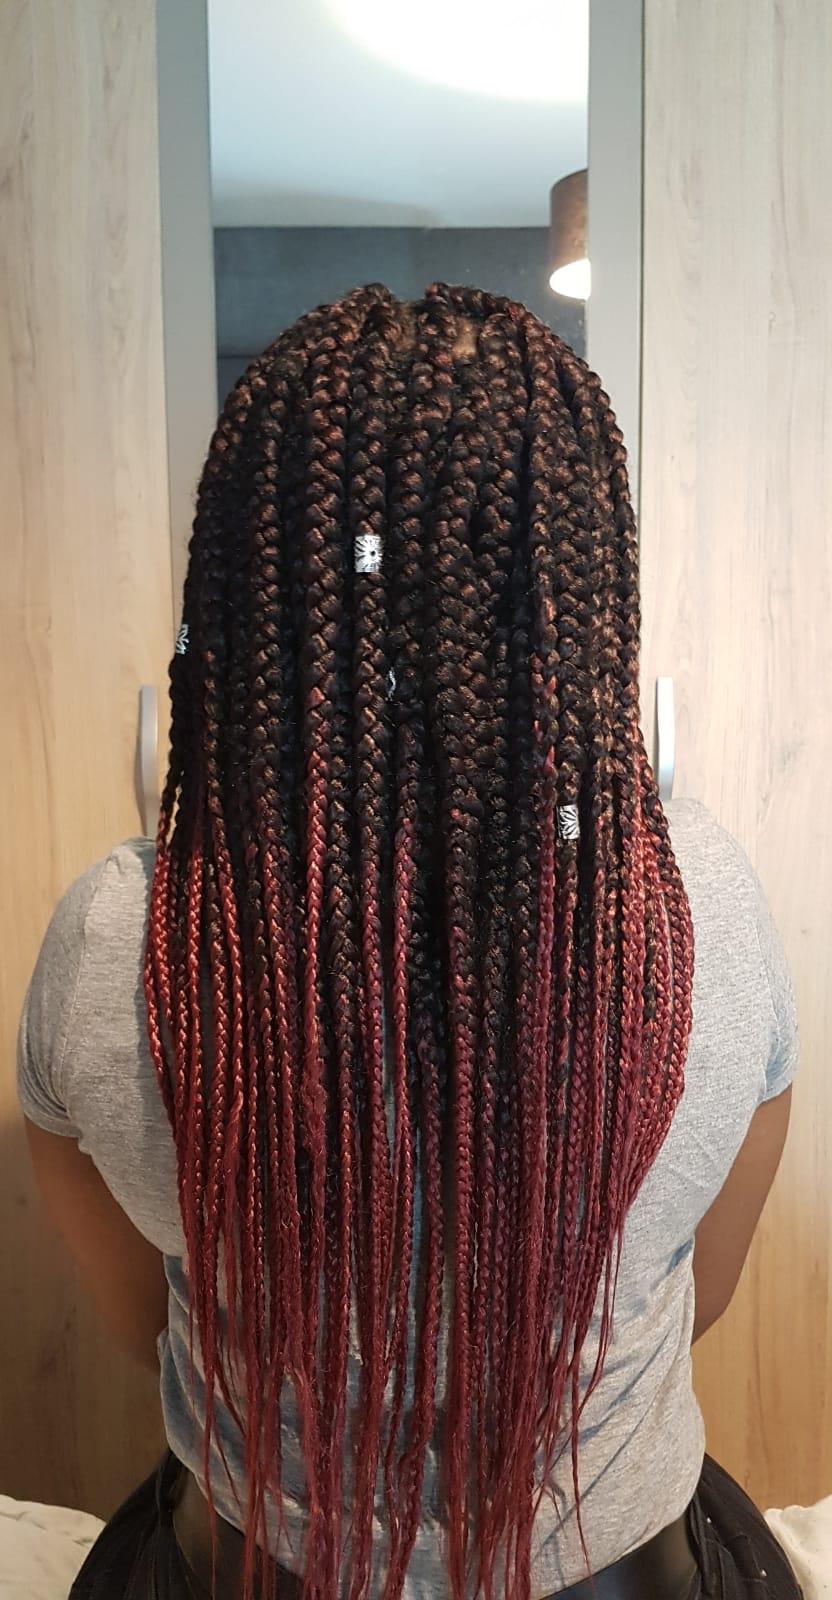 salon de coiffure afro tresse tresses box braids crochet braids vanilles tissages paris 75 77 78 91 92 93 94 95 YFXFDUUO